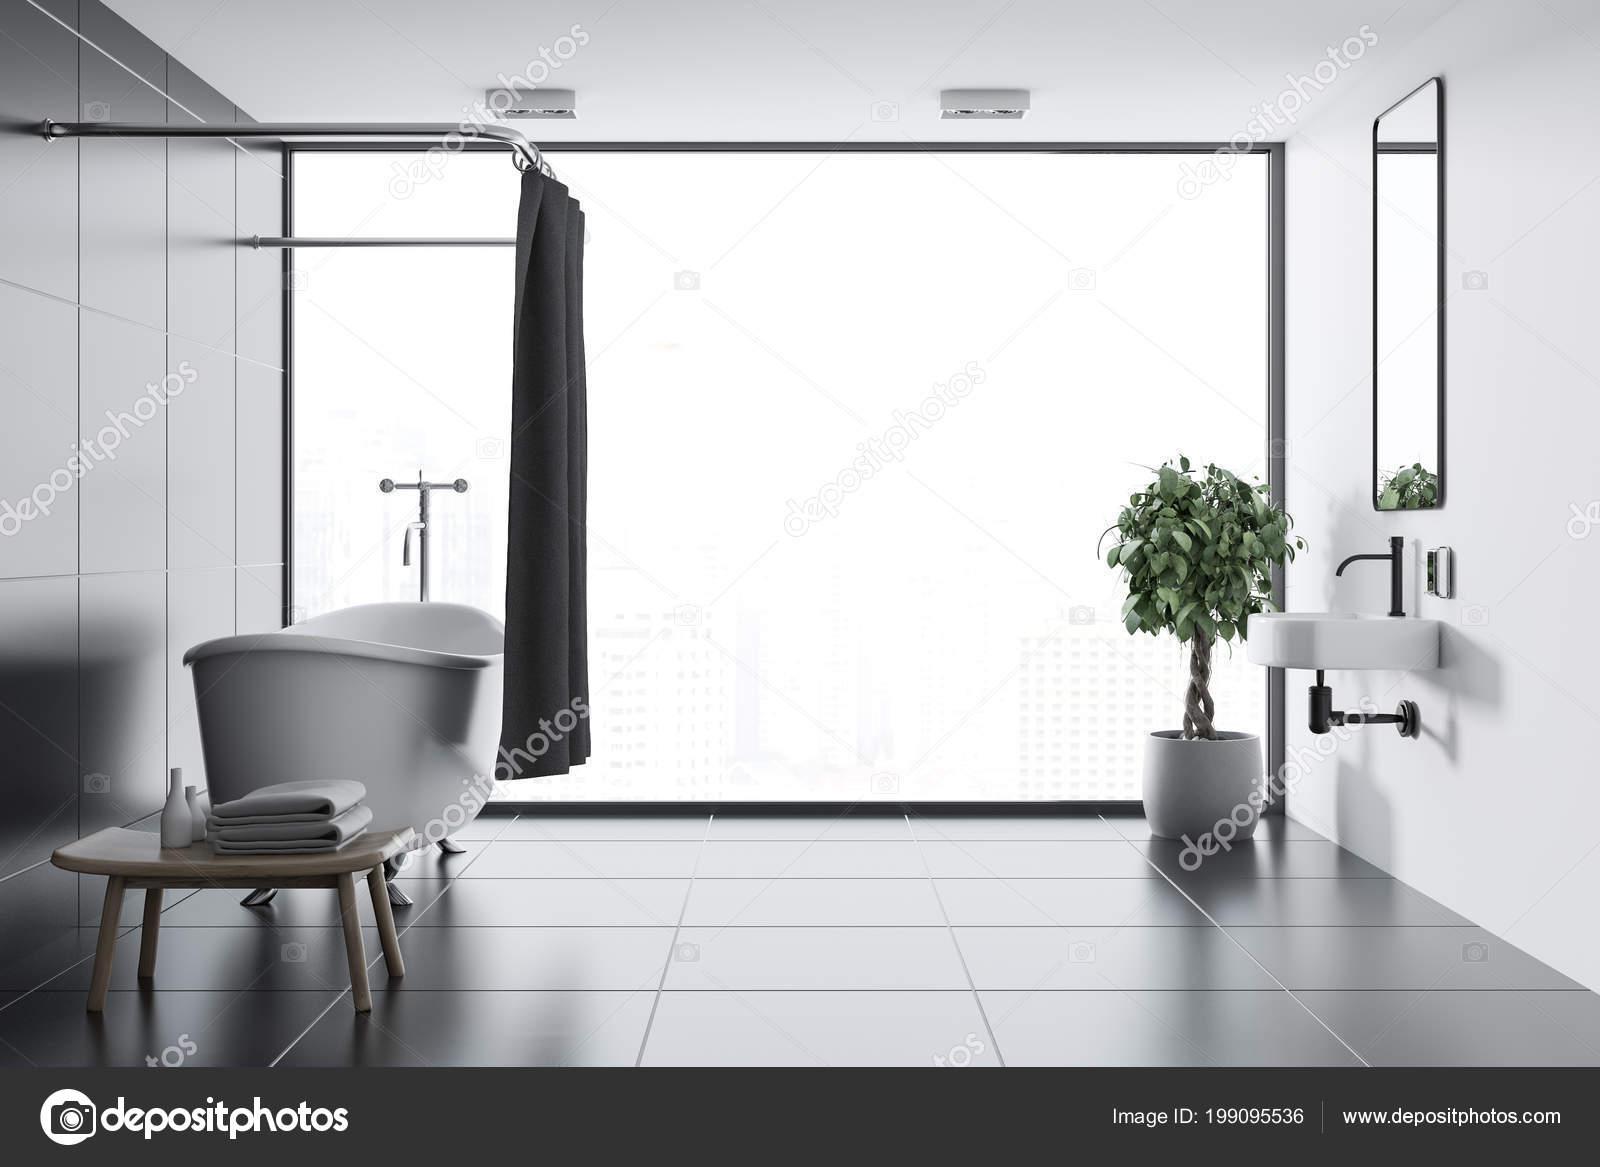 Bagno rivestito piastrelle nere con pavimento piastrelle nere una